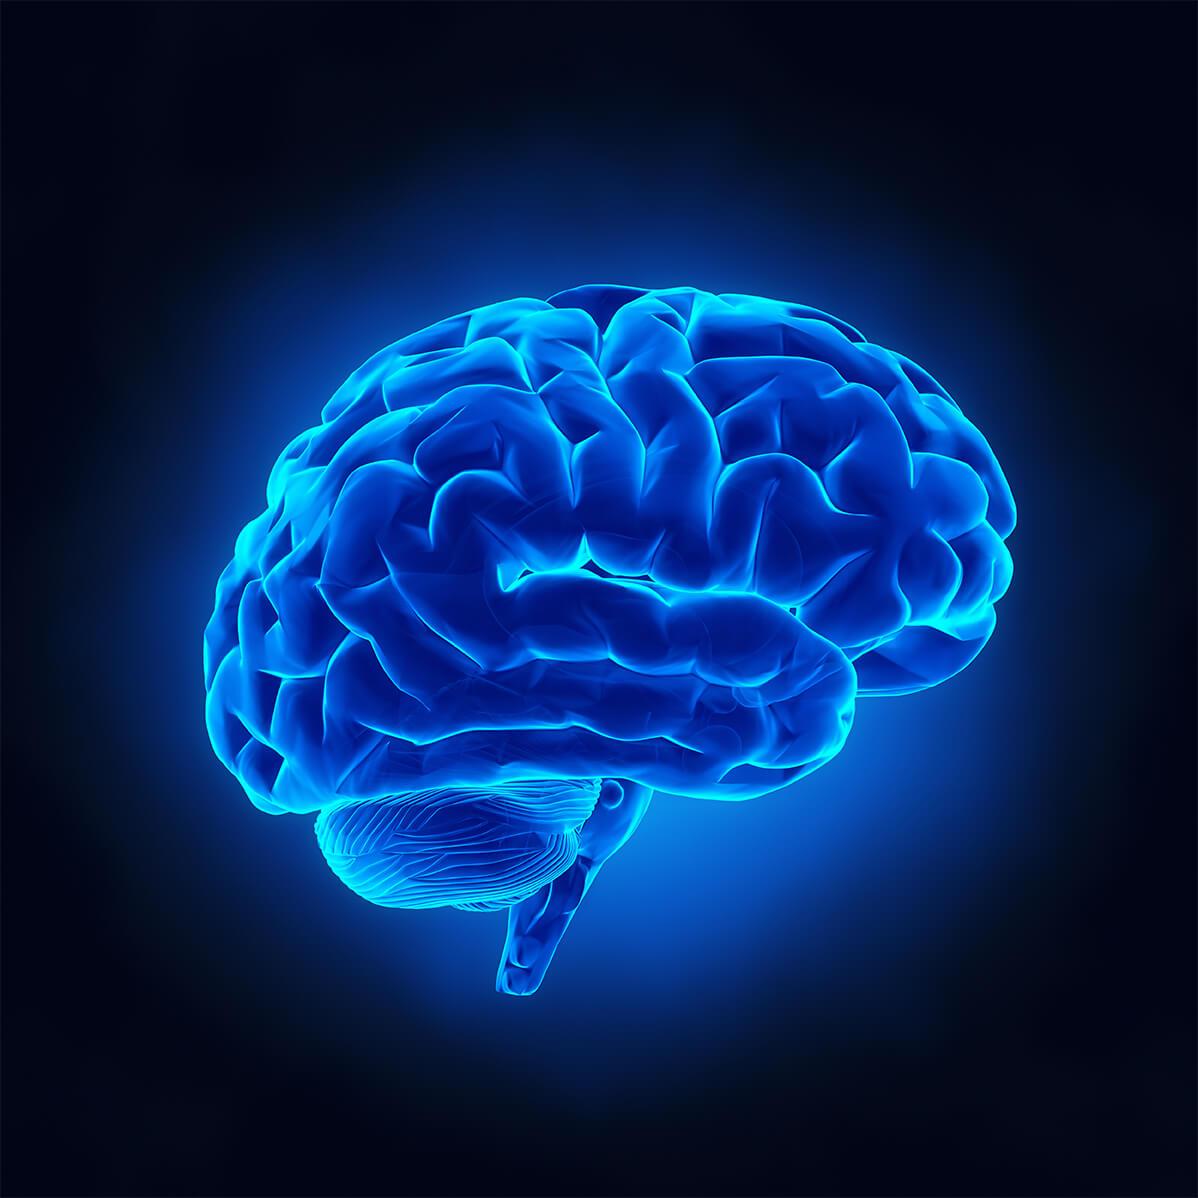 Ricerca, ridurre paura legata a un ricordo con stimolazione cereb...